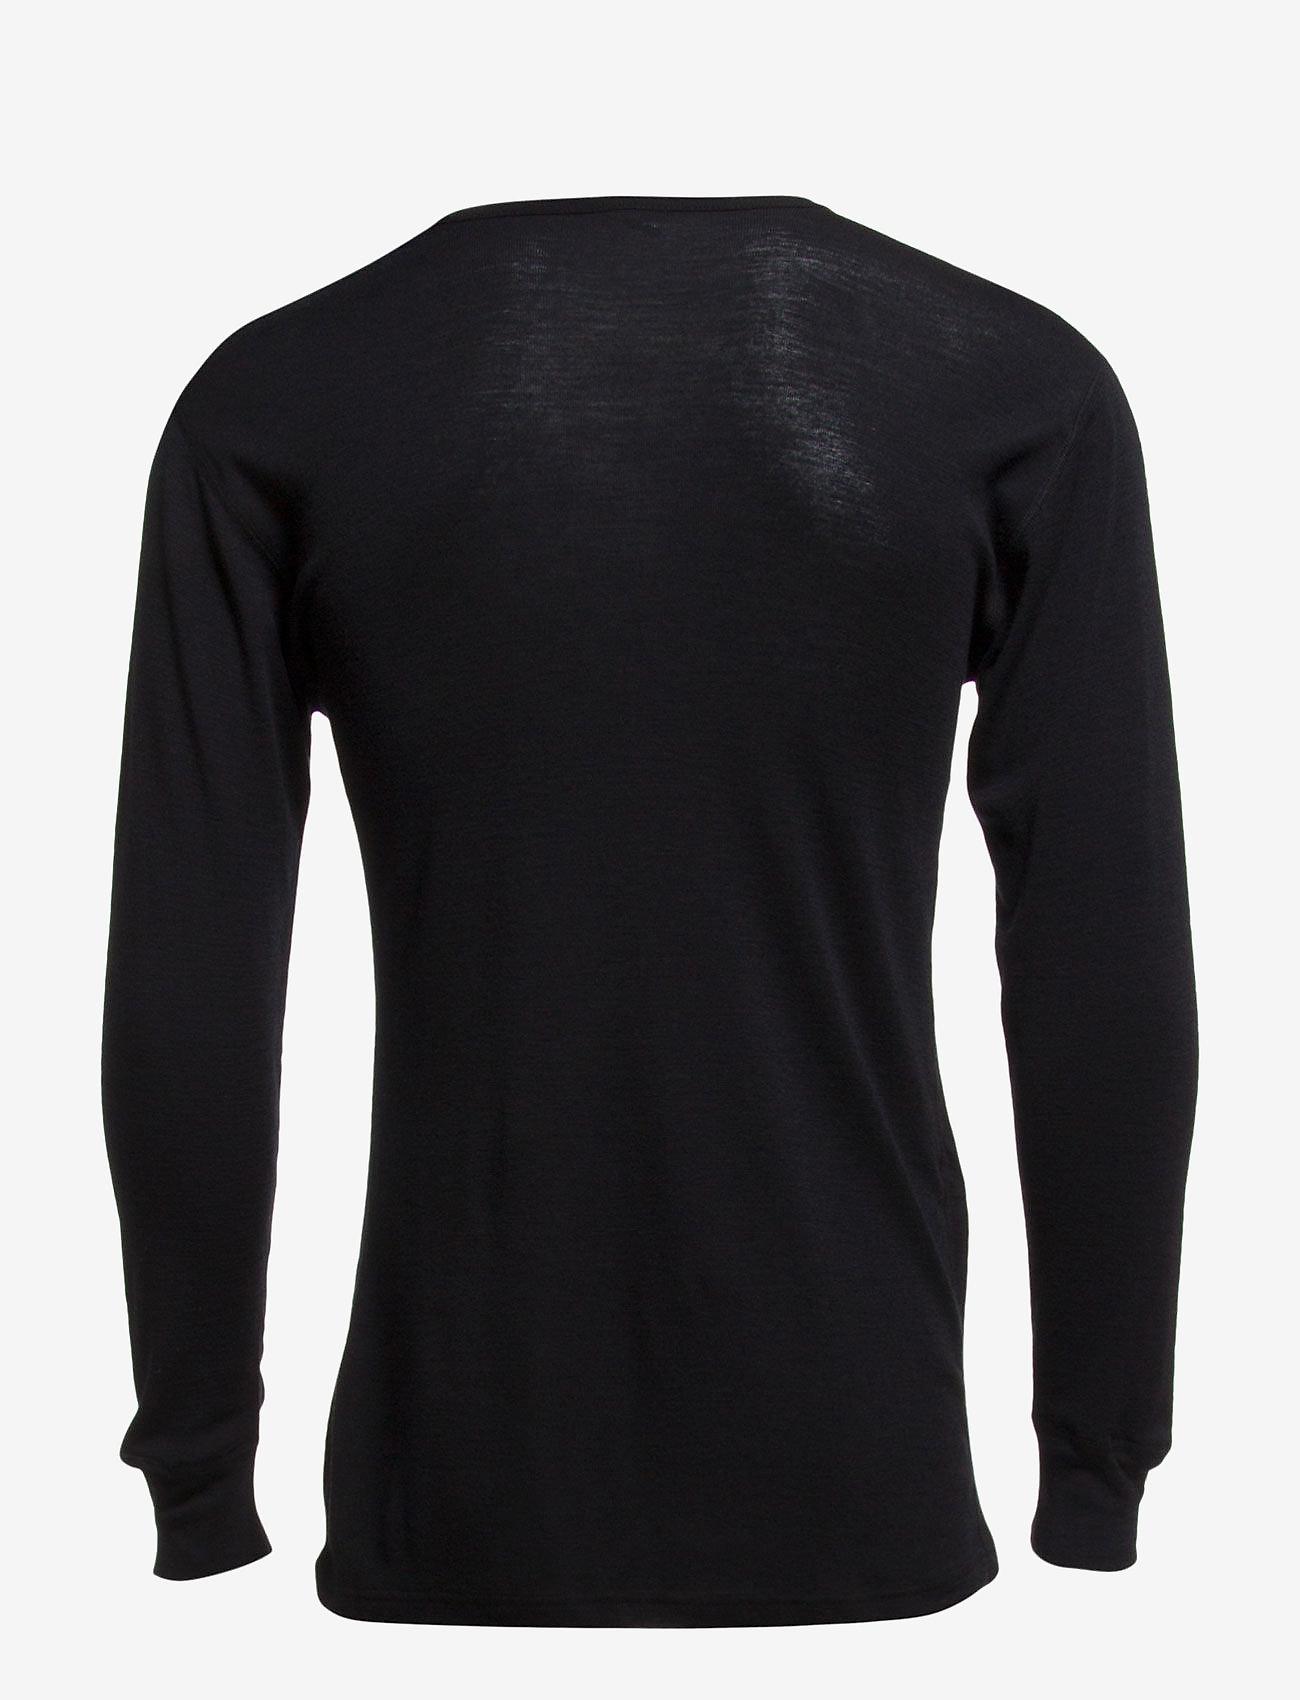 Dovre - Dovre Wool T-shirts 1/1 ærme - sort - 1